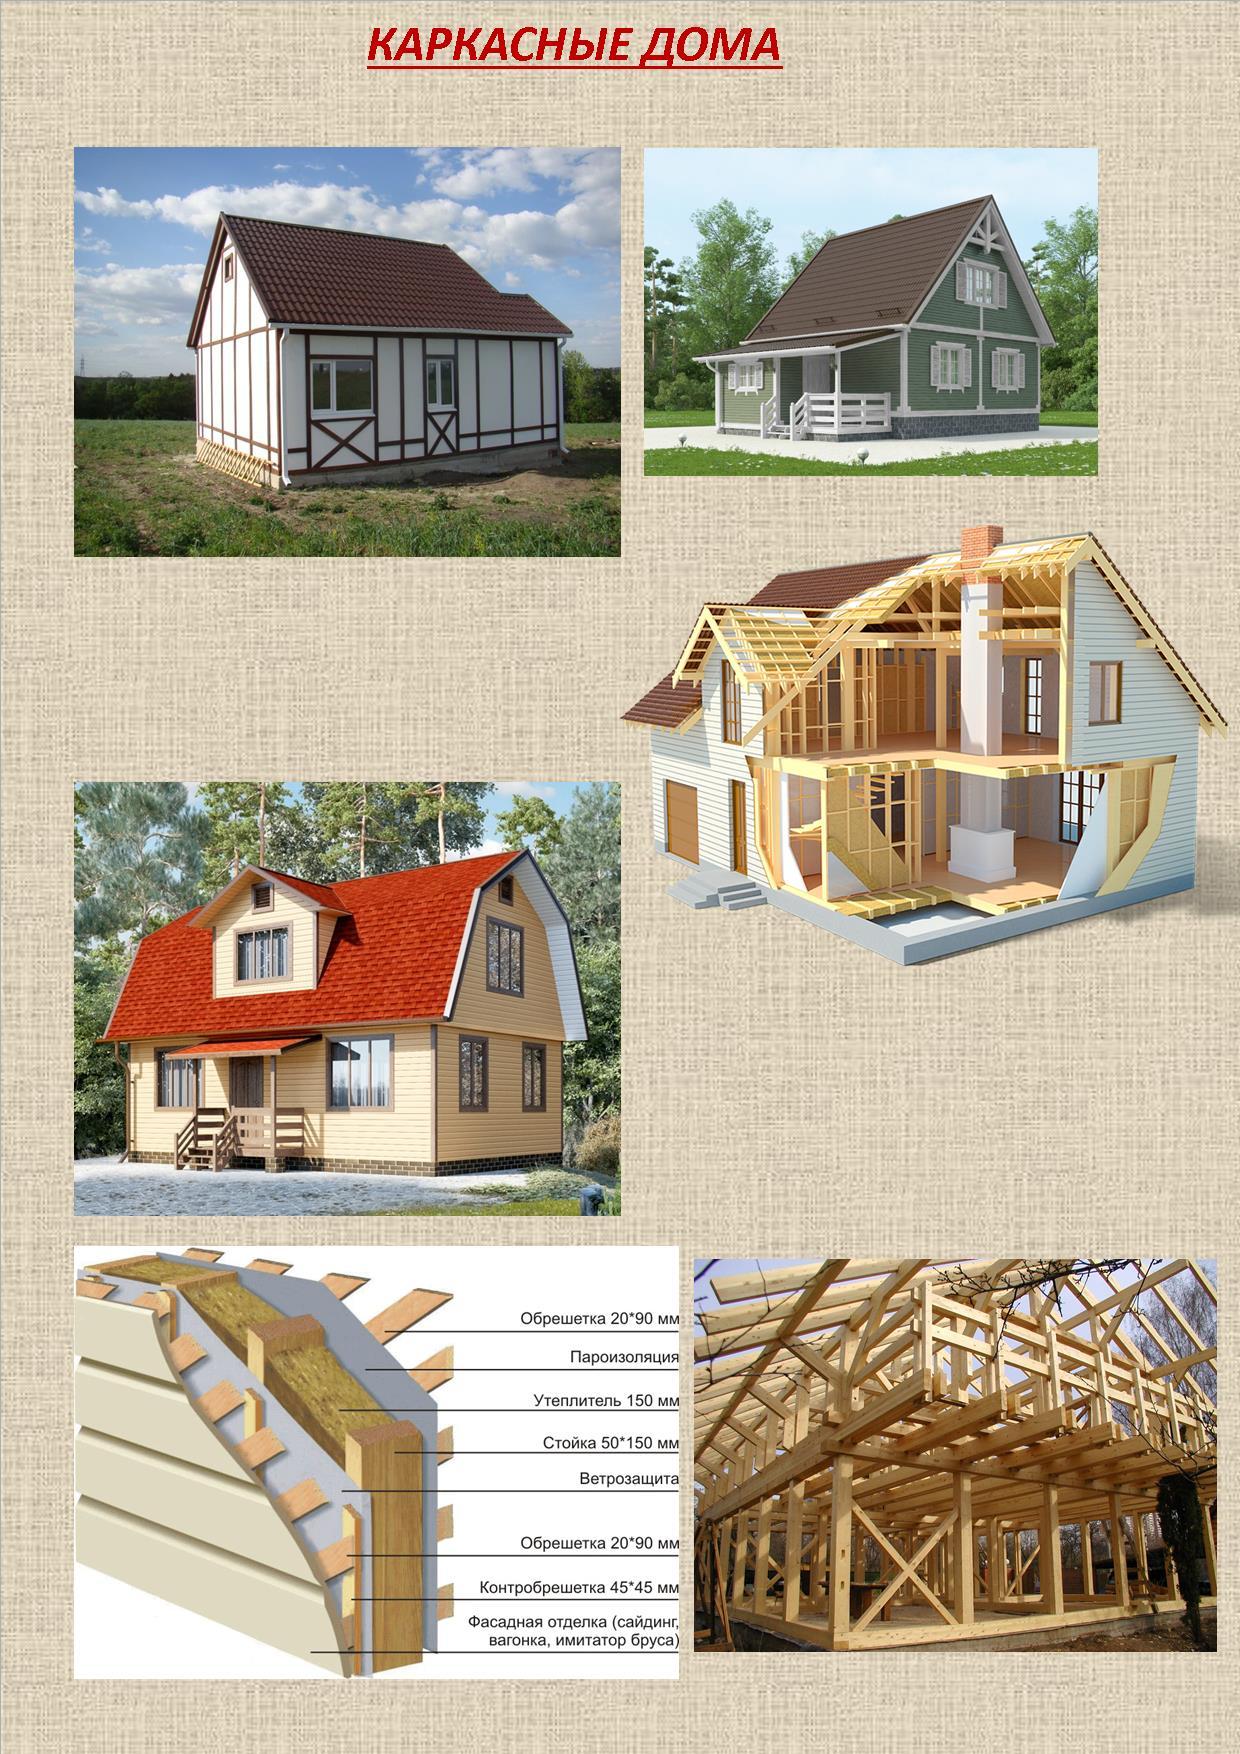 Каркасные дома постоянного проживания